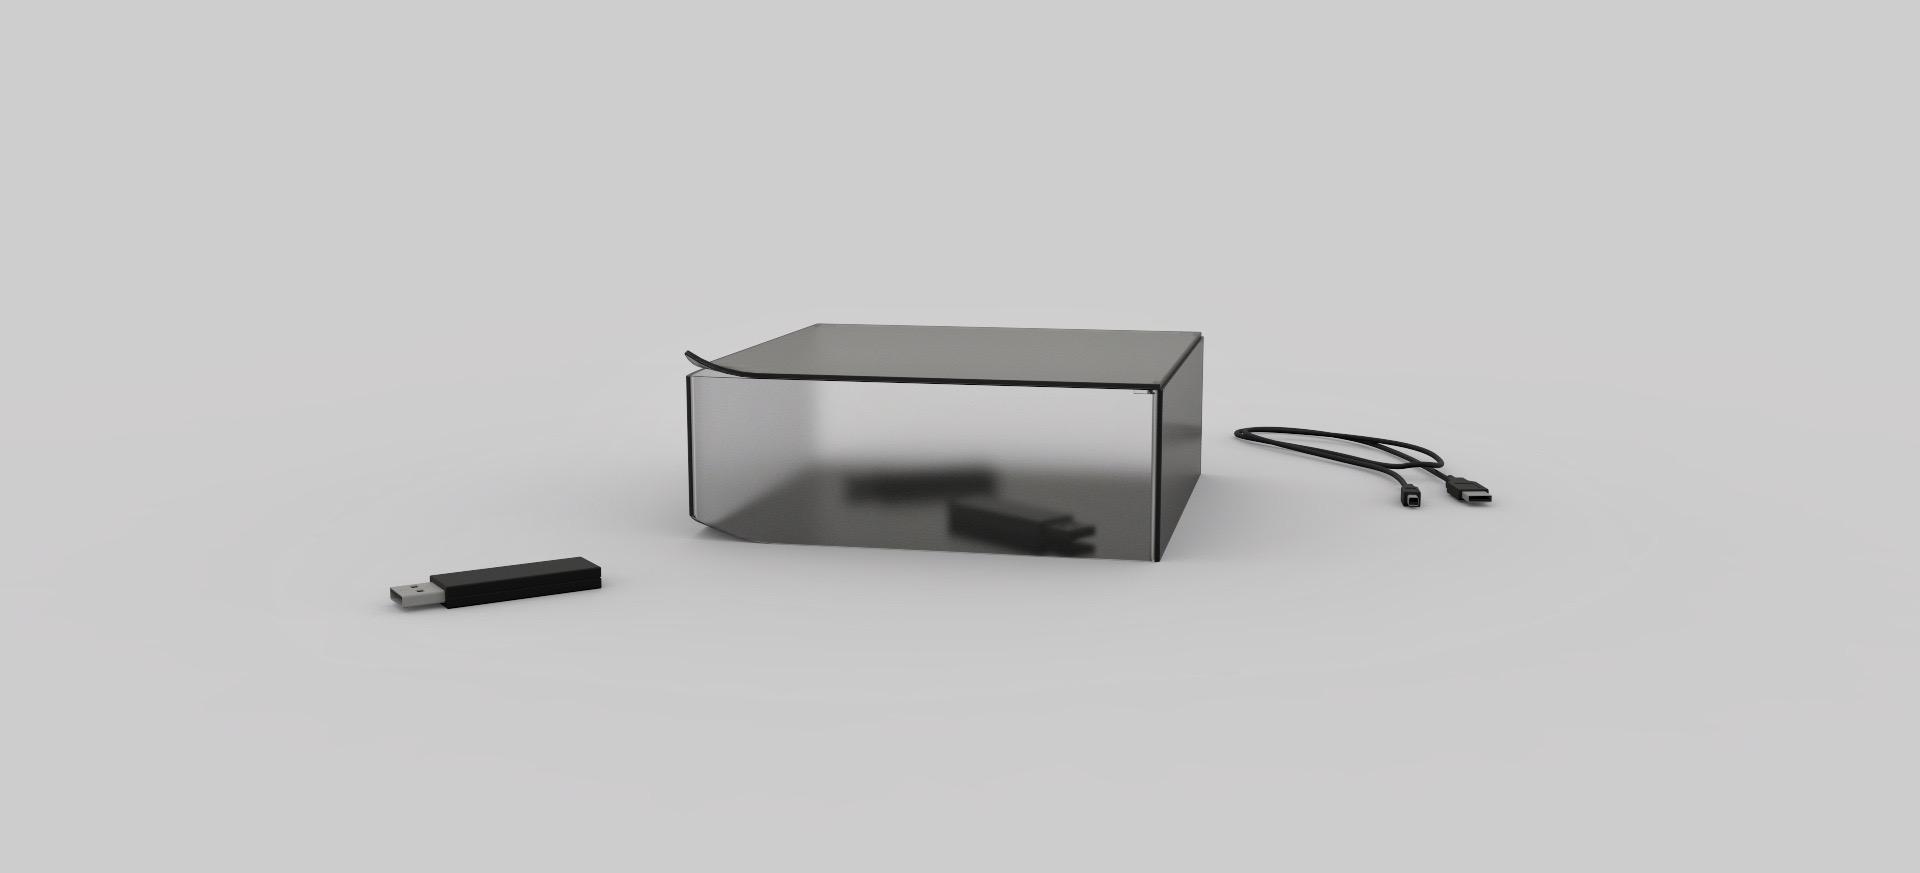 好奇心 储物盒 渲染.1 2.jpg